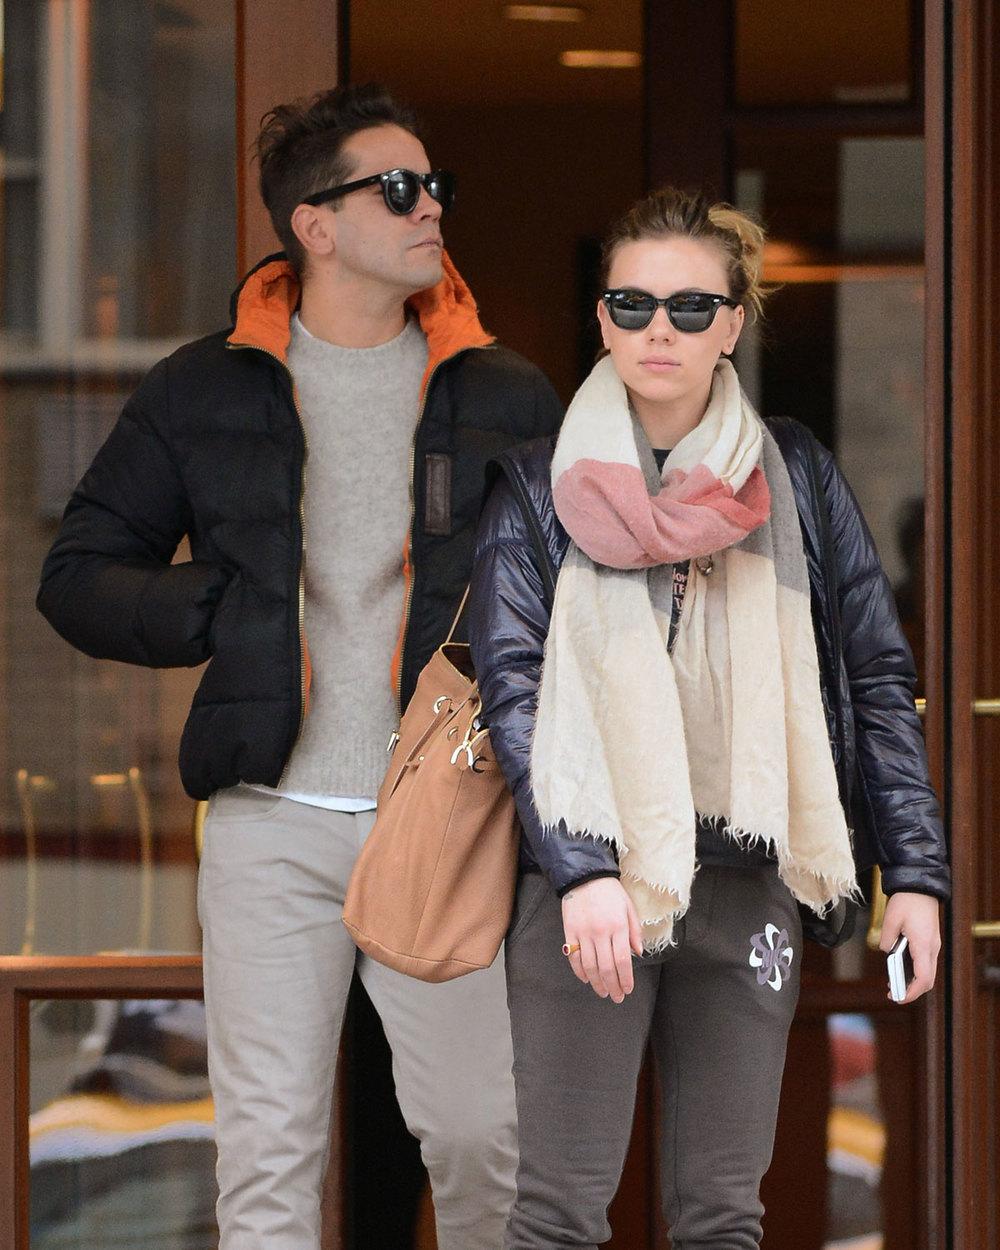 Scarlett-Johansson-Romain-Dauriac.jpg